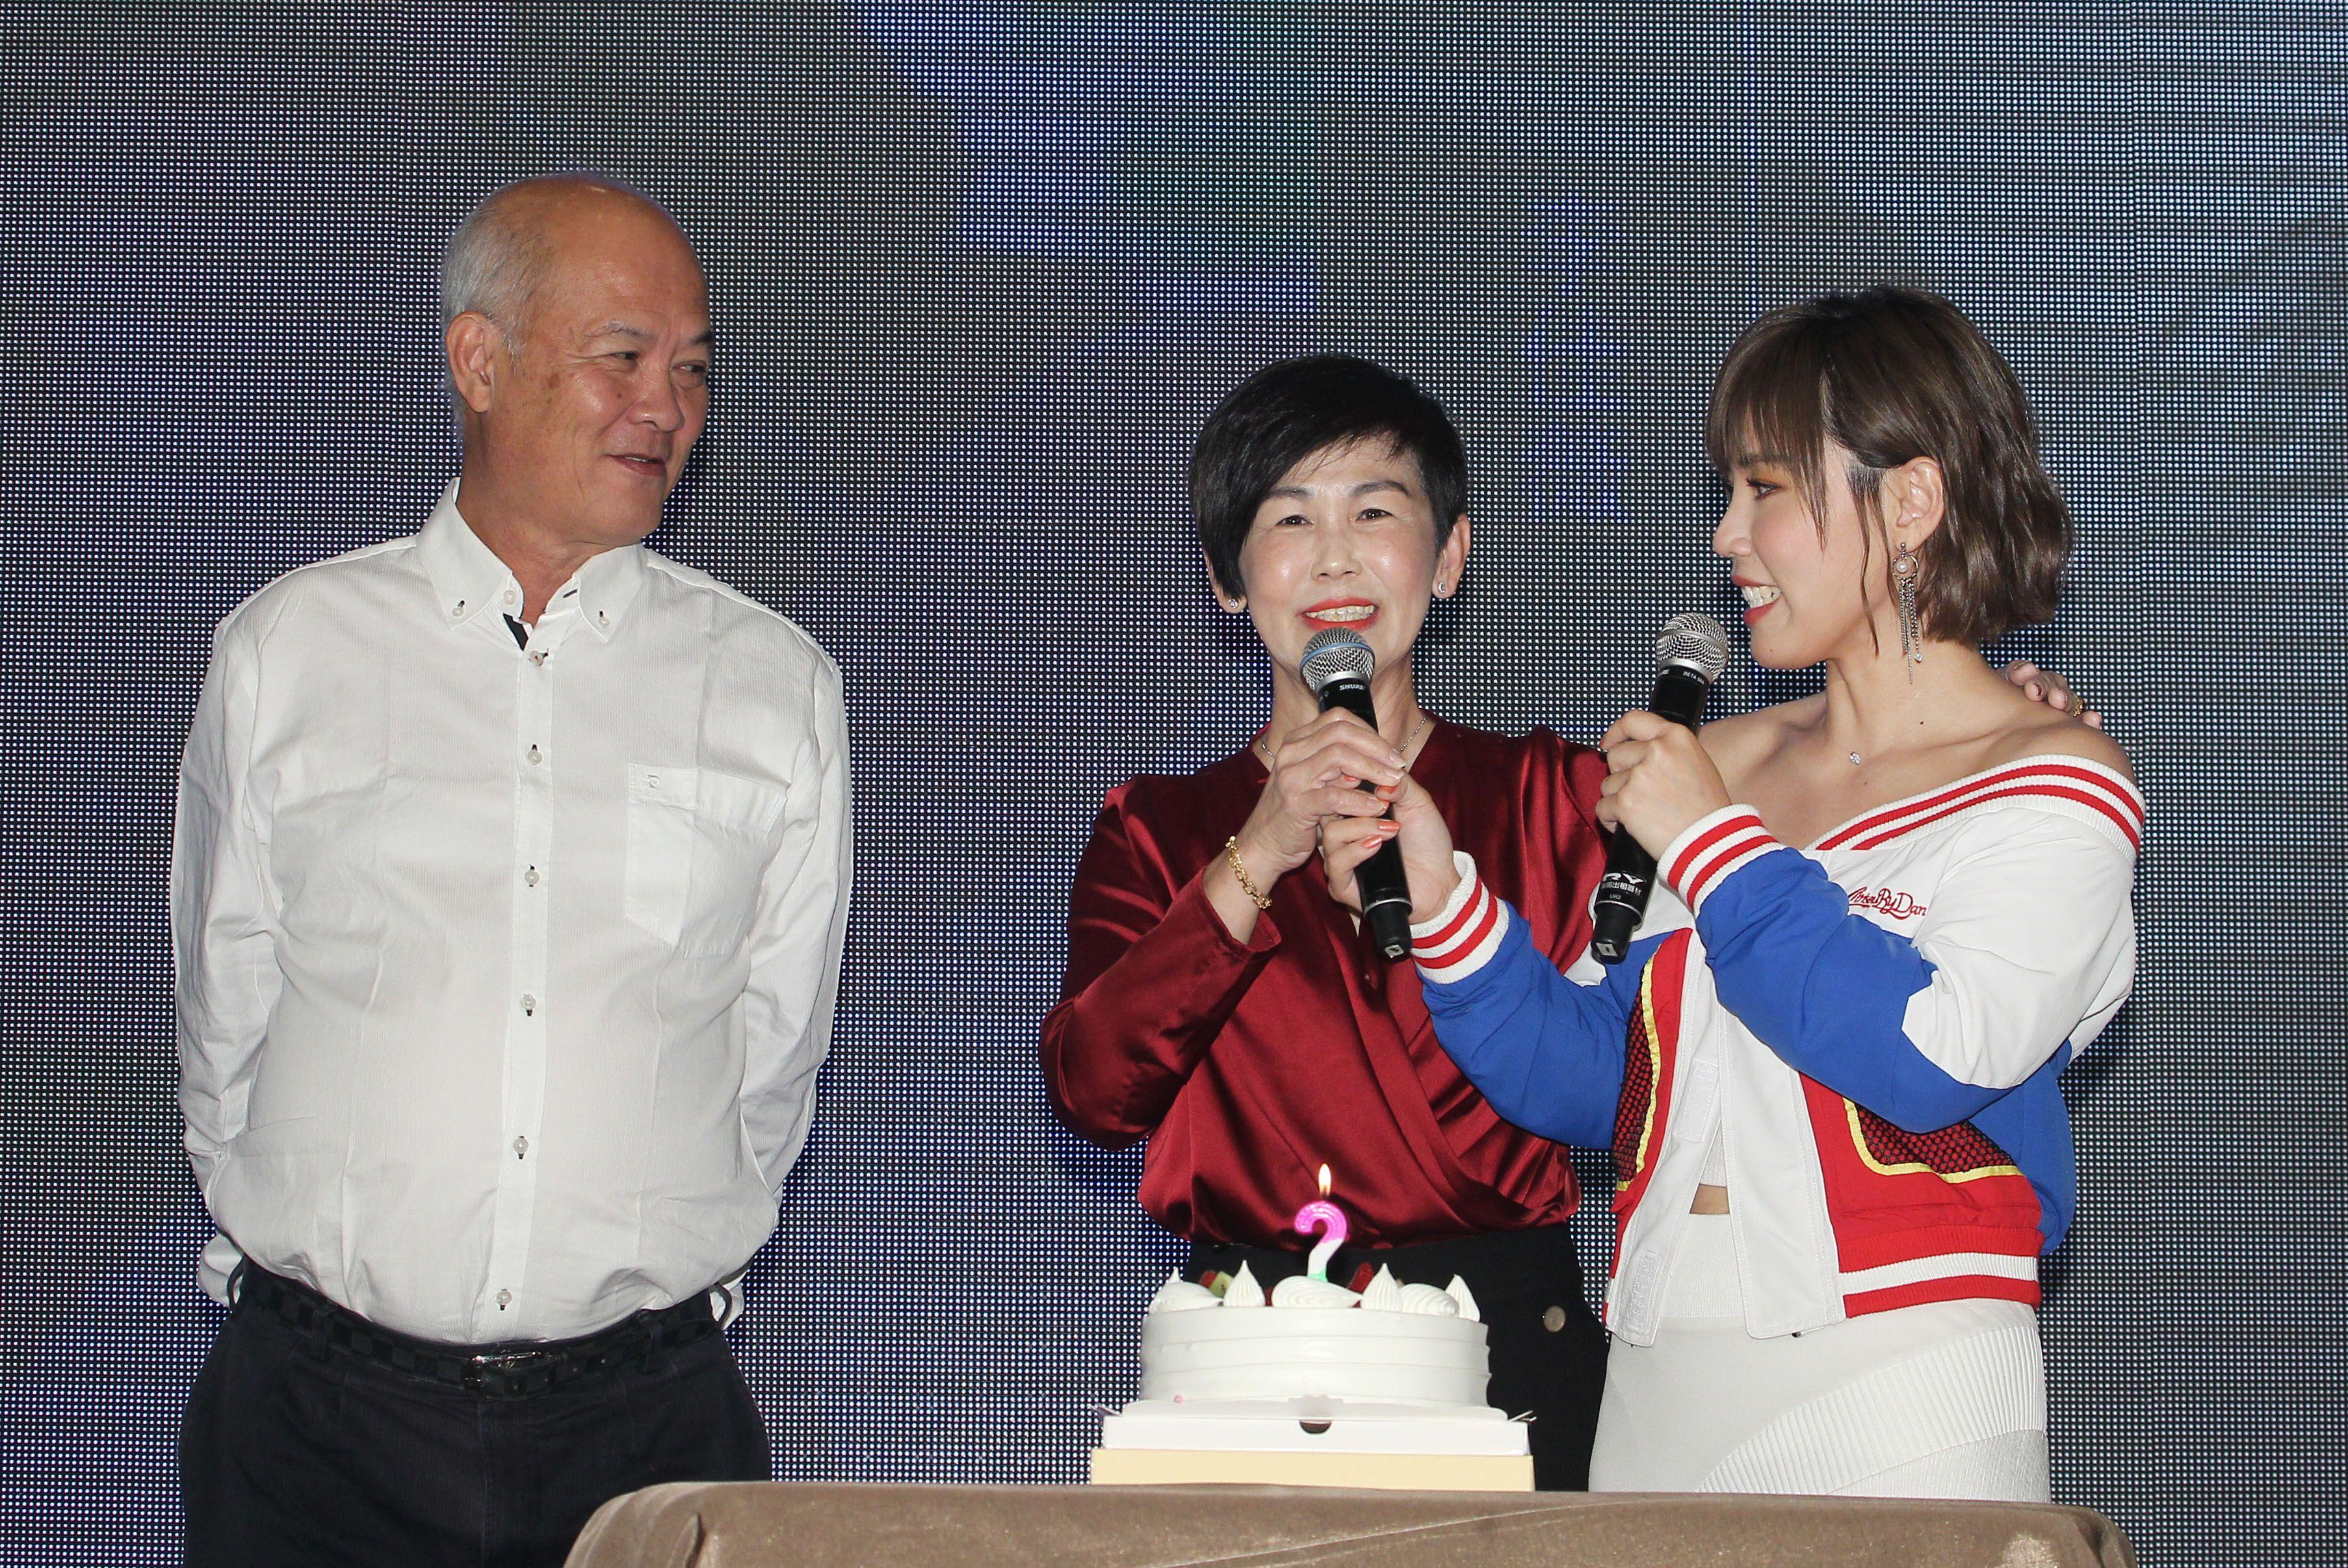 「能量歌姬」李佳薇發片,馬來西亞的爸爸、媽媽悄悄出現現場,讓李佳薇淚灑現場。(記者邱榮吉/攝影)